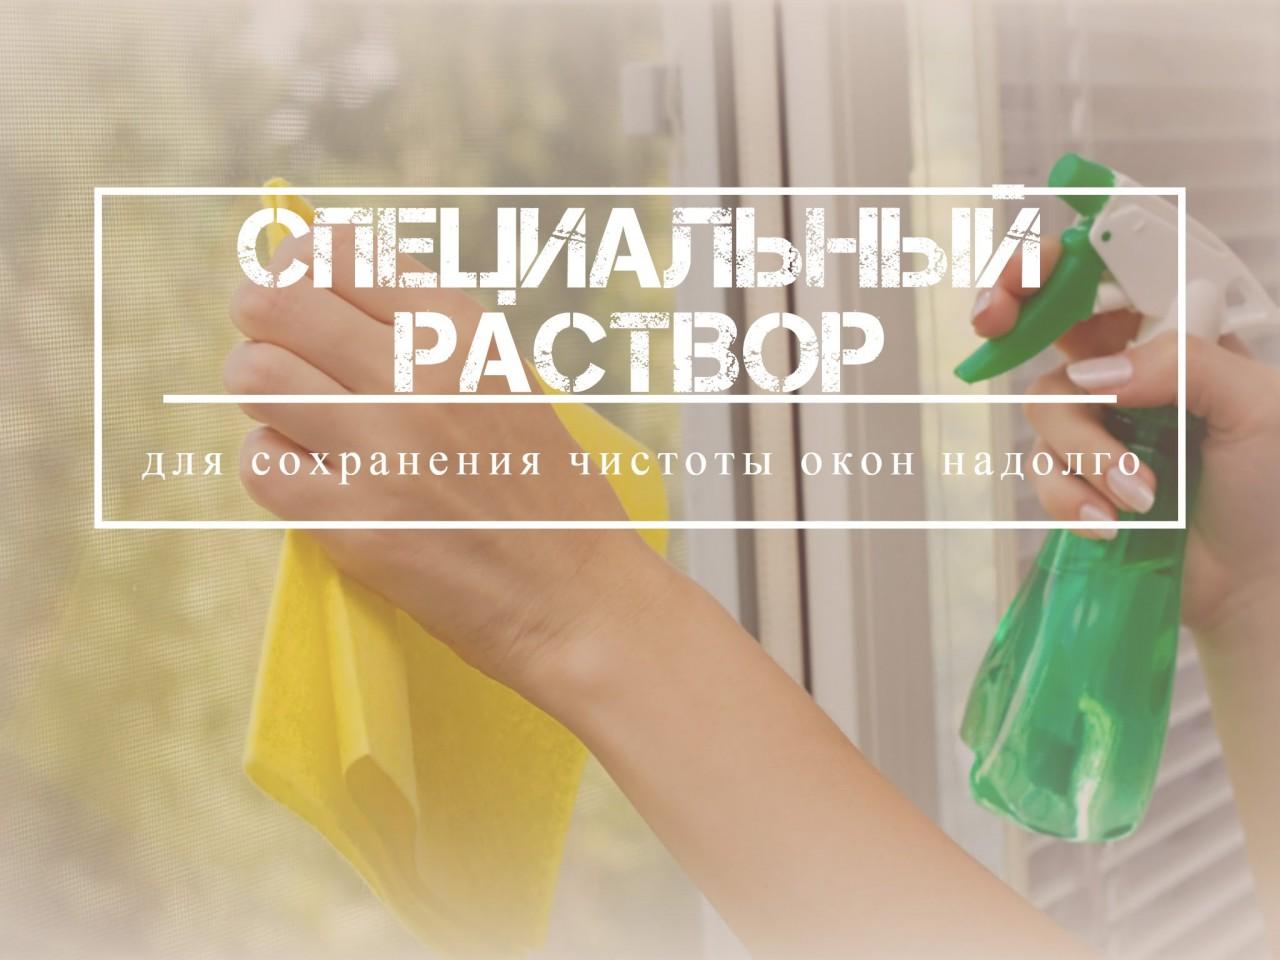 Картинки по запросу Специальный РАСТВОР для сохранения чистоты окон!